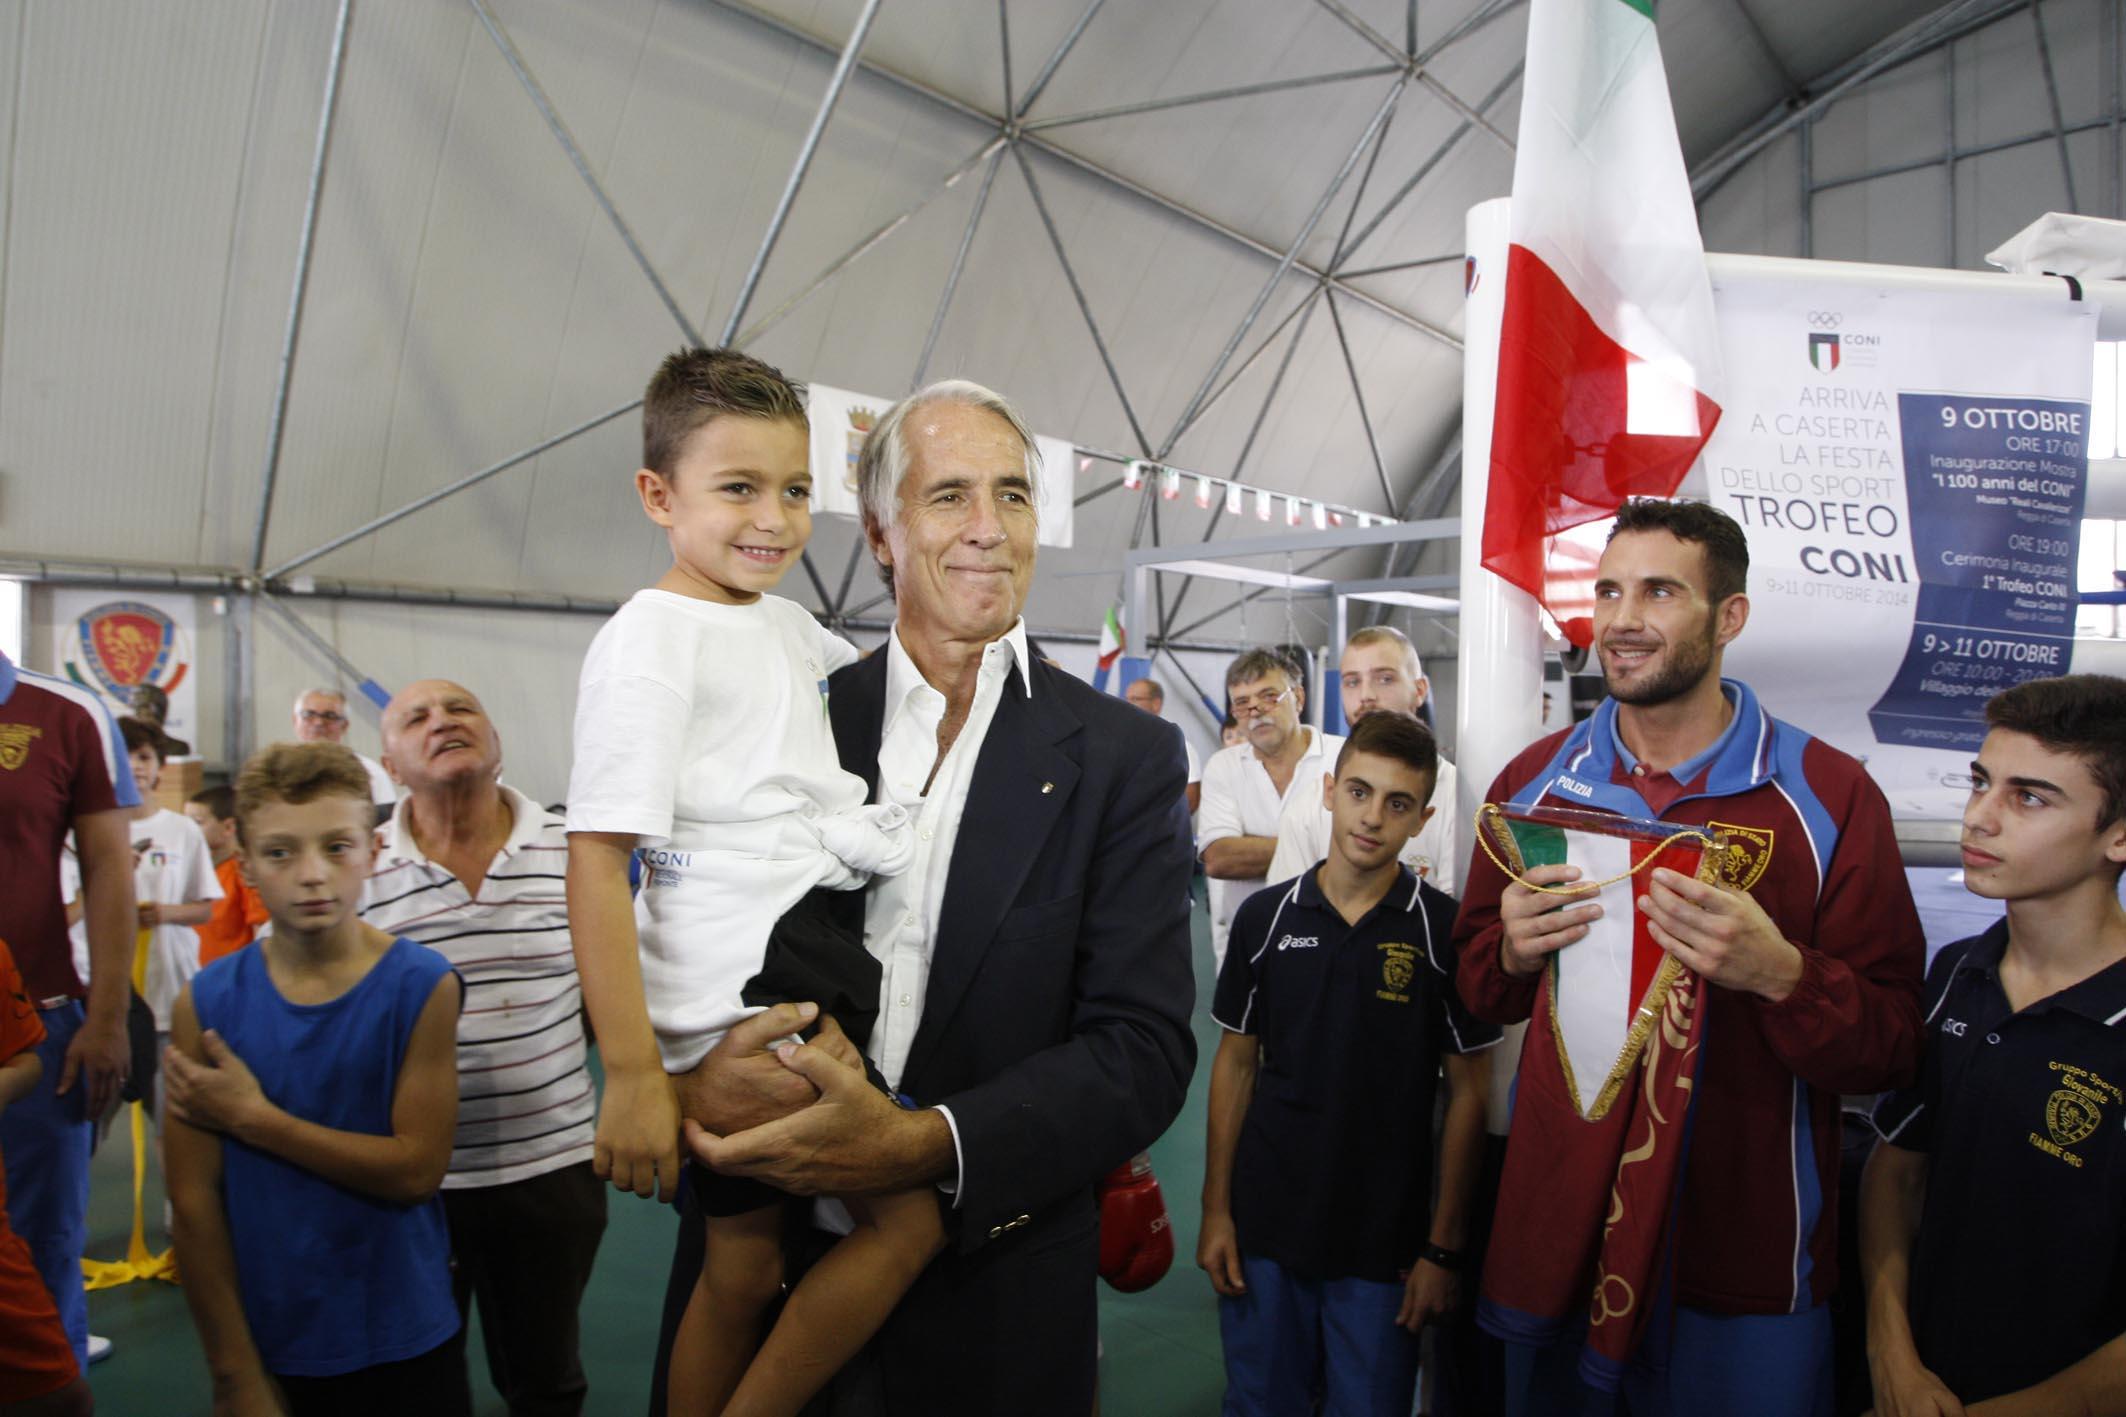 Trofeo_Coni_Giorno2_40